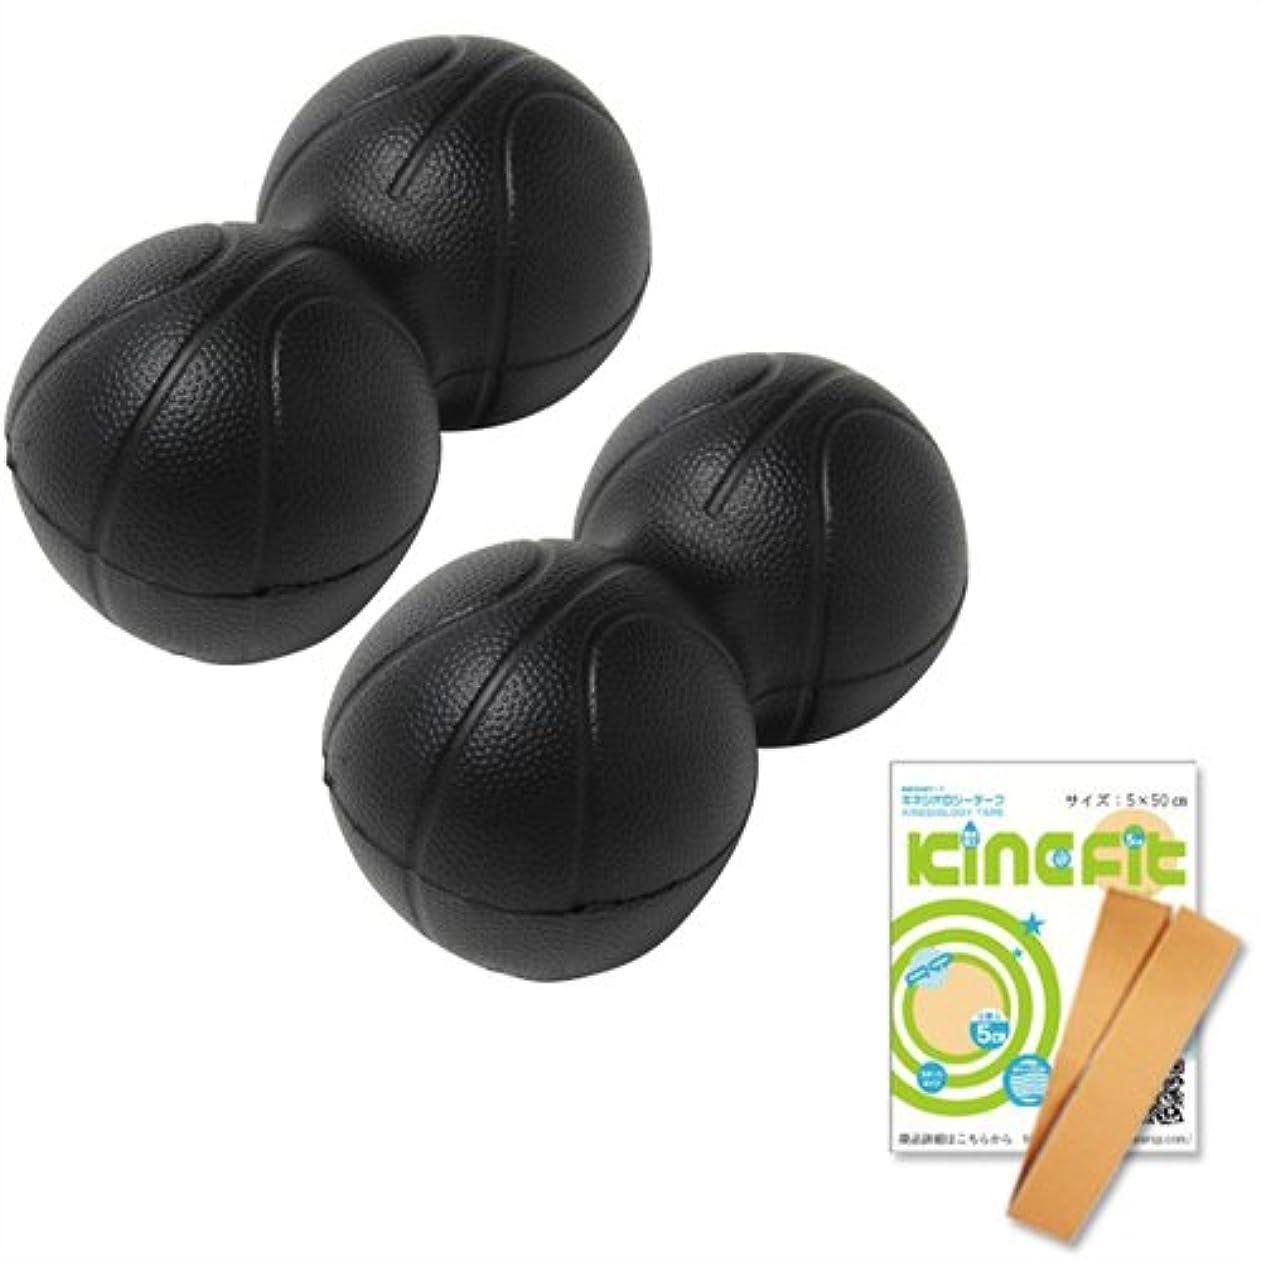 試用モンゴメリーもパワーポジションボール ×2個セット + キネシオロジーテープ キネフィットお試し用50cm セット